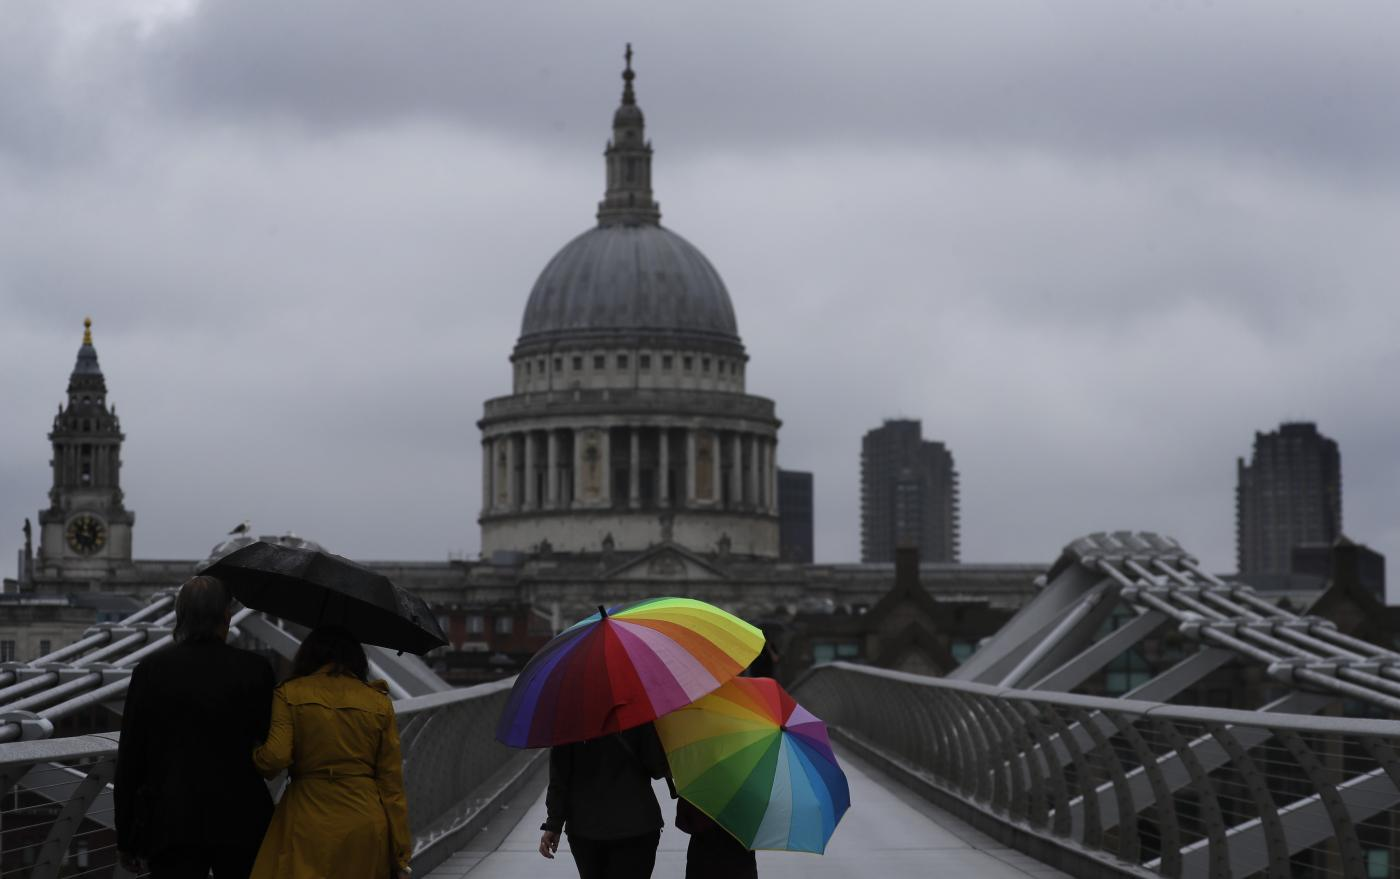 Il debito pubblico del Regno Unito sale a 2mila miliardi e supera il 100% del Pil